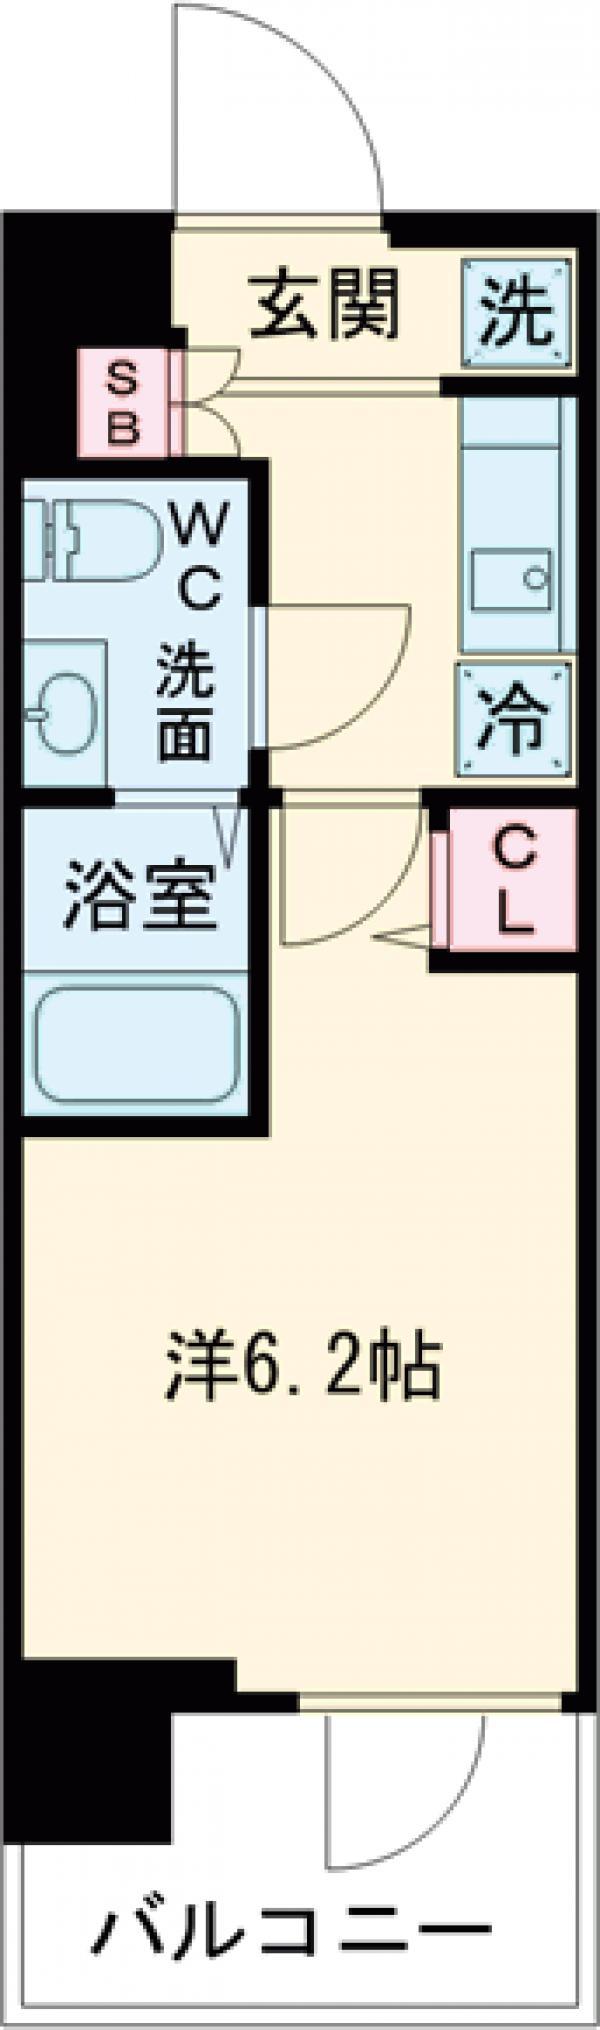 SHOKEN Residence亀有・1105号室の間取り